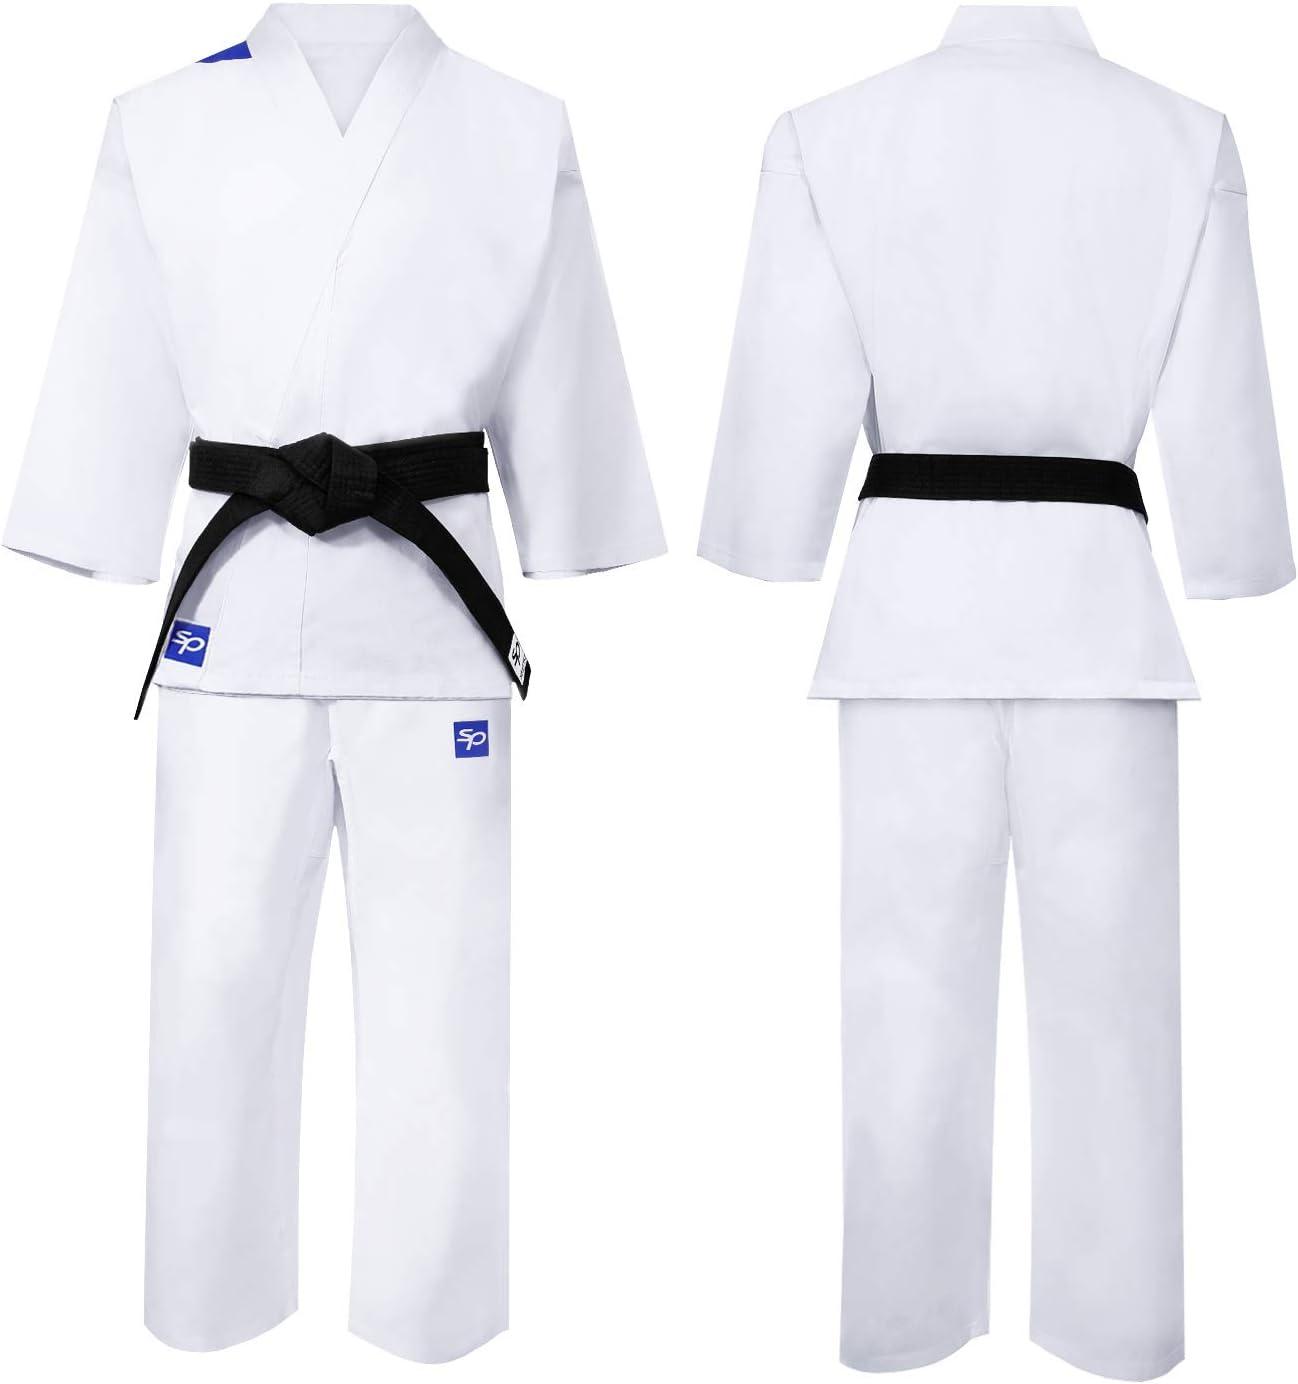 110-190 cm Incluye cintur/ón Blanco Gratis Algod/ón Ligero Hombres Mujeres y Ni/ños Uniforme Profesional para Entrenamiento y competici/ón Starpro Karate Gi Blanco